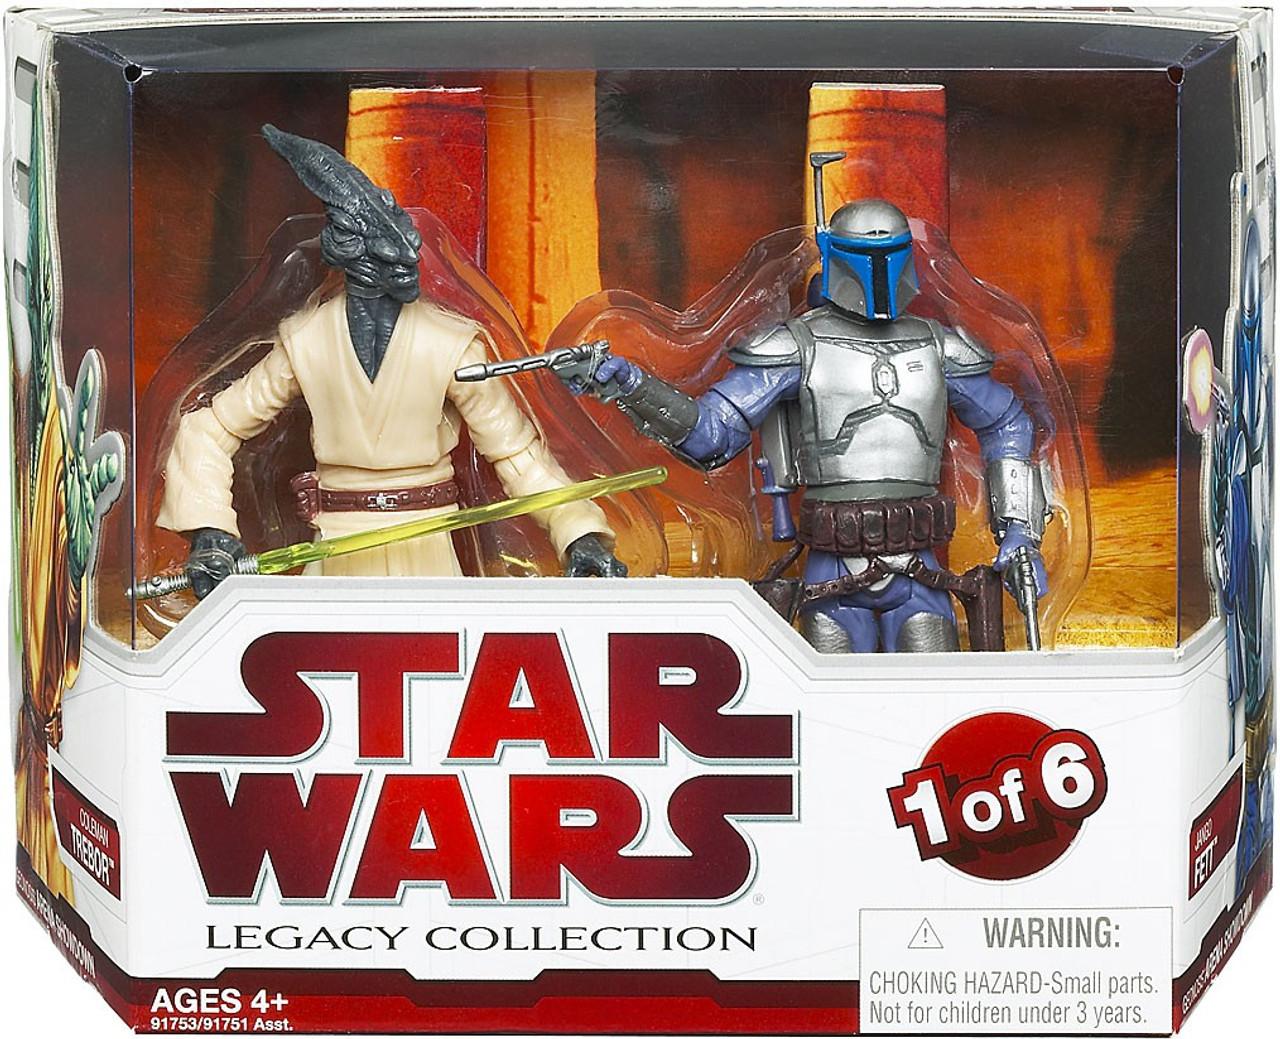 Star Wars Legacy Collection 2010 Geonosis Arena Showdown 6 R2-D2 et C-3PO Menthe en Boîte Scellée